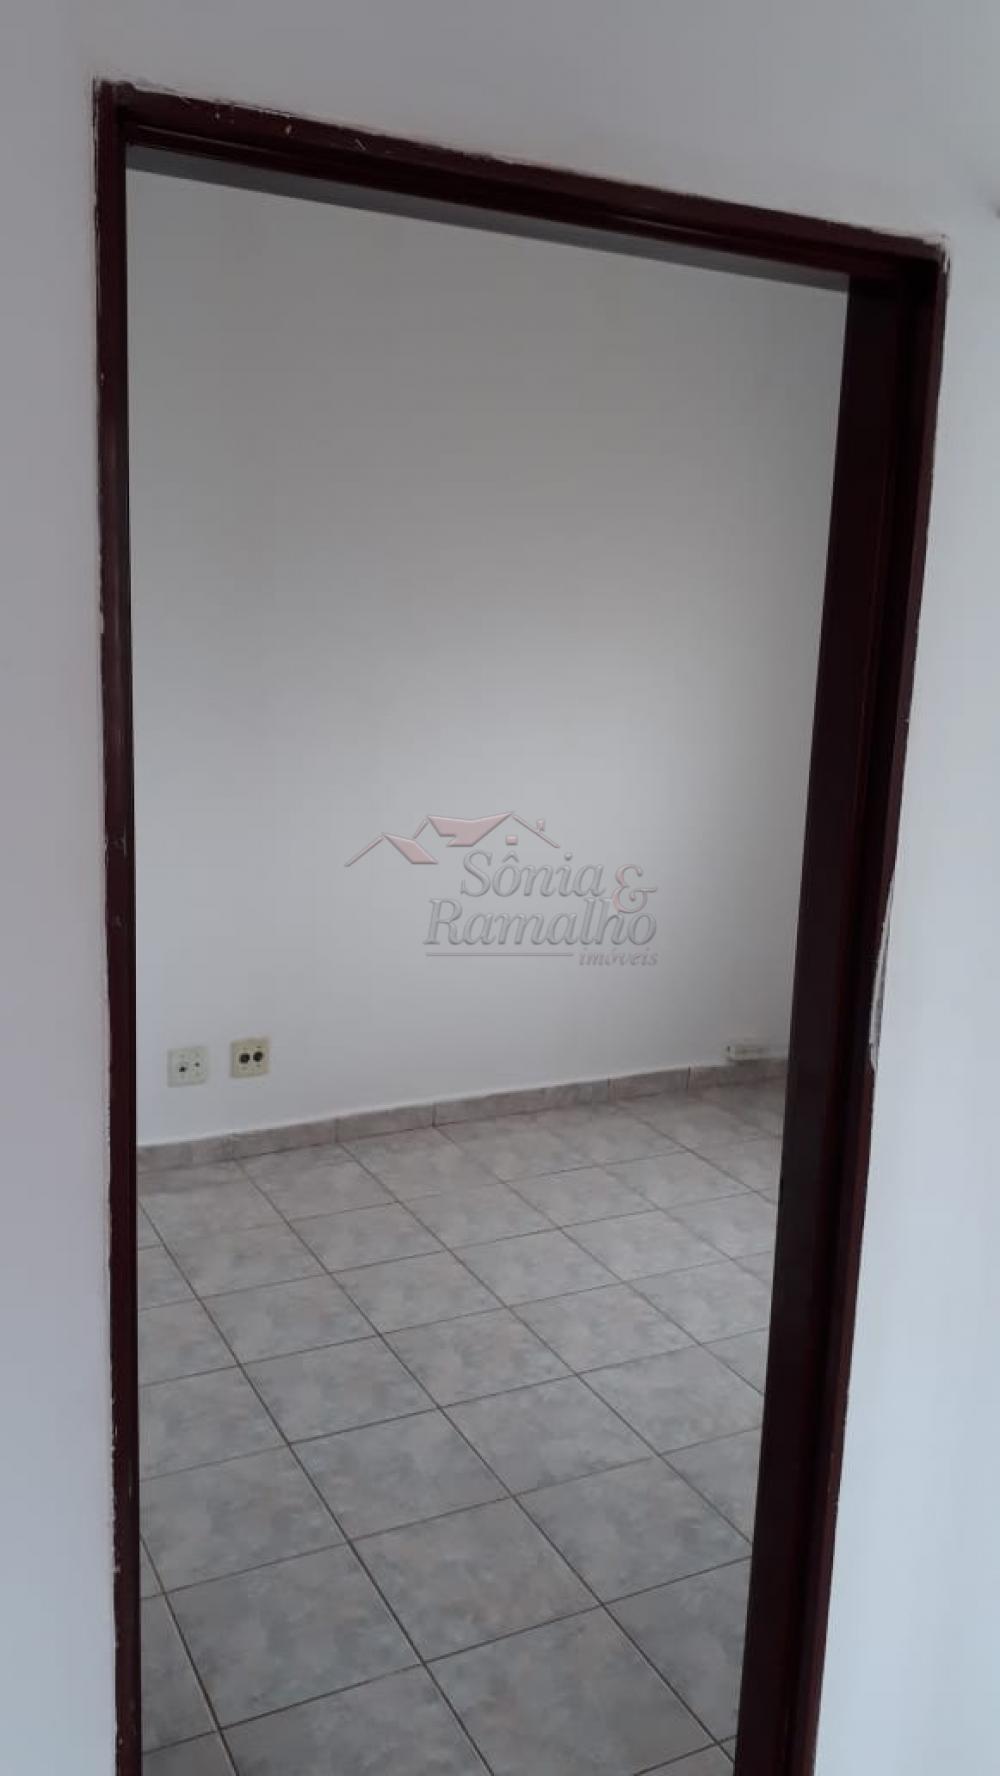 Alugar Comercial / Sala comercial em Ribeirão Preto R$ 850,00 - Foto 14